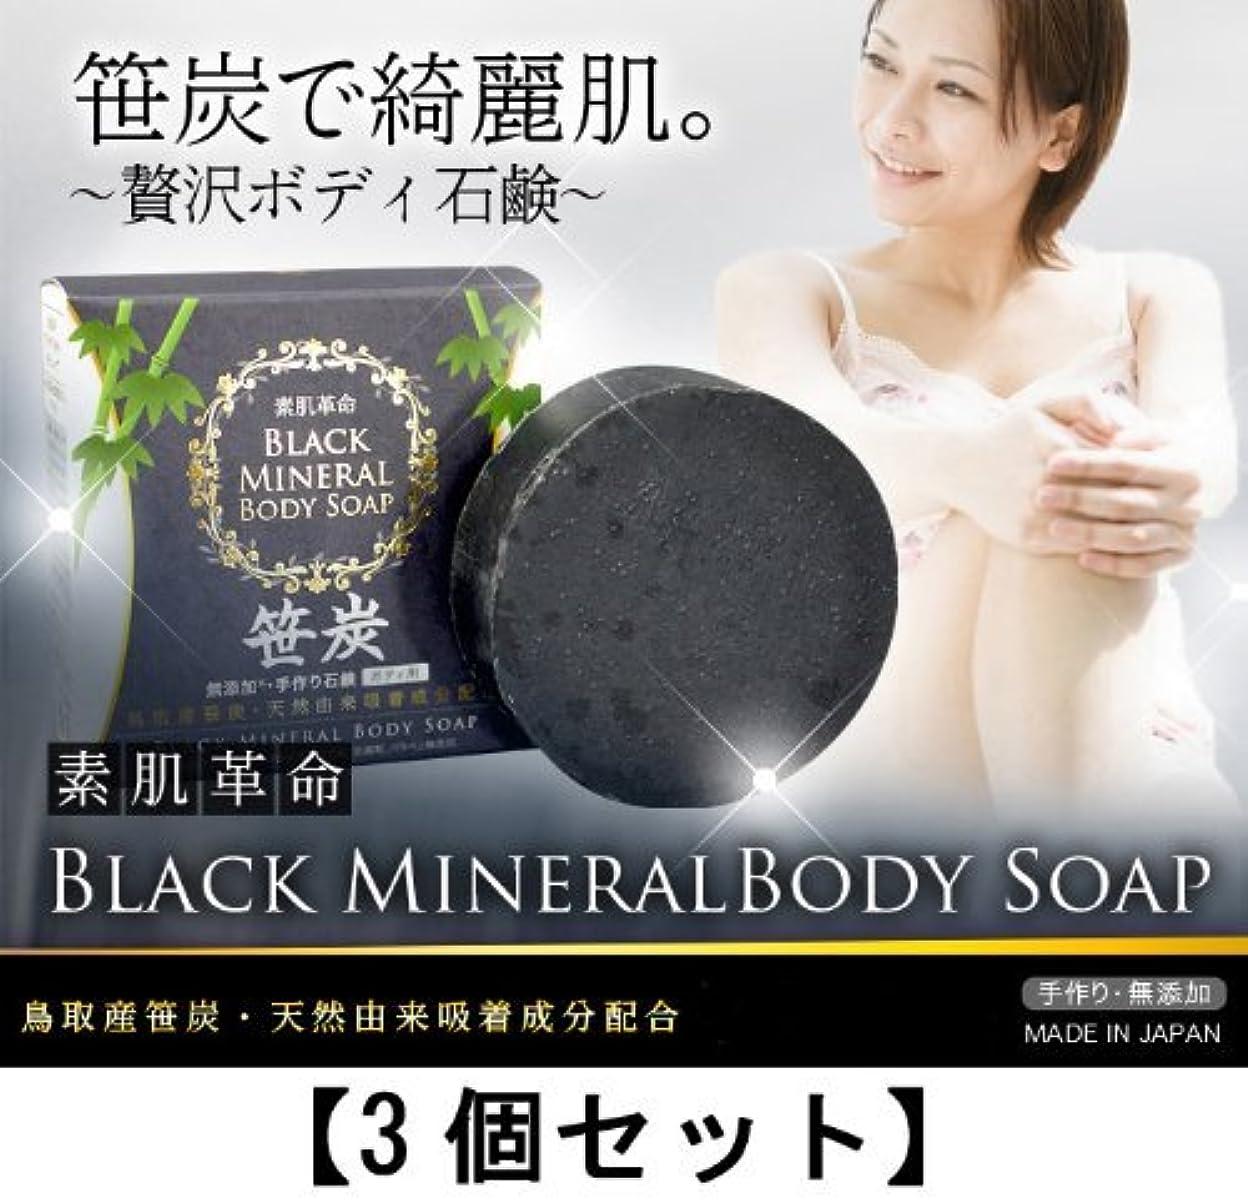 信頼できるたらいセッション素肌革命ブラックミネラルボディソープ 3個セット(天然笹炭配合無添加石鹸)